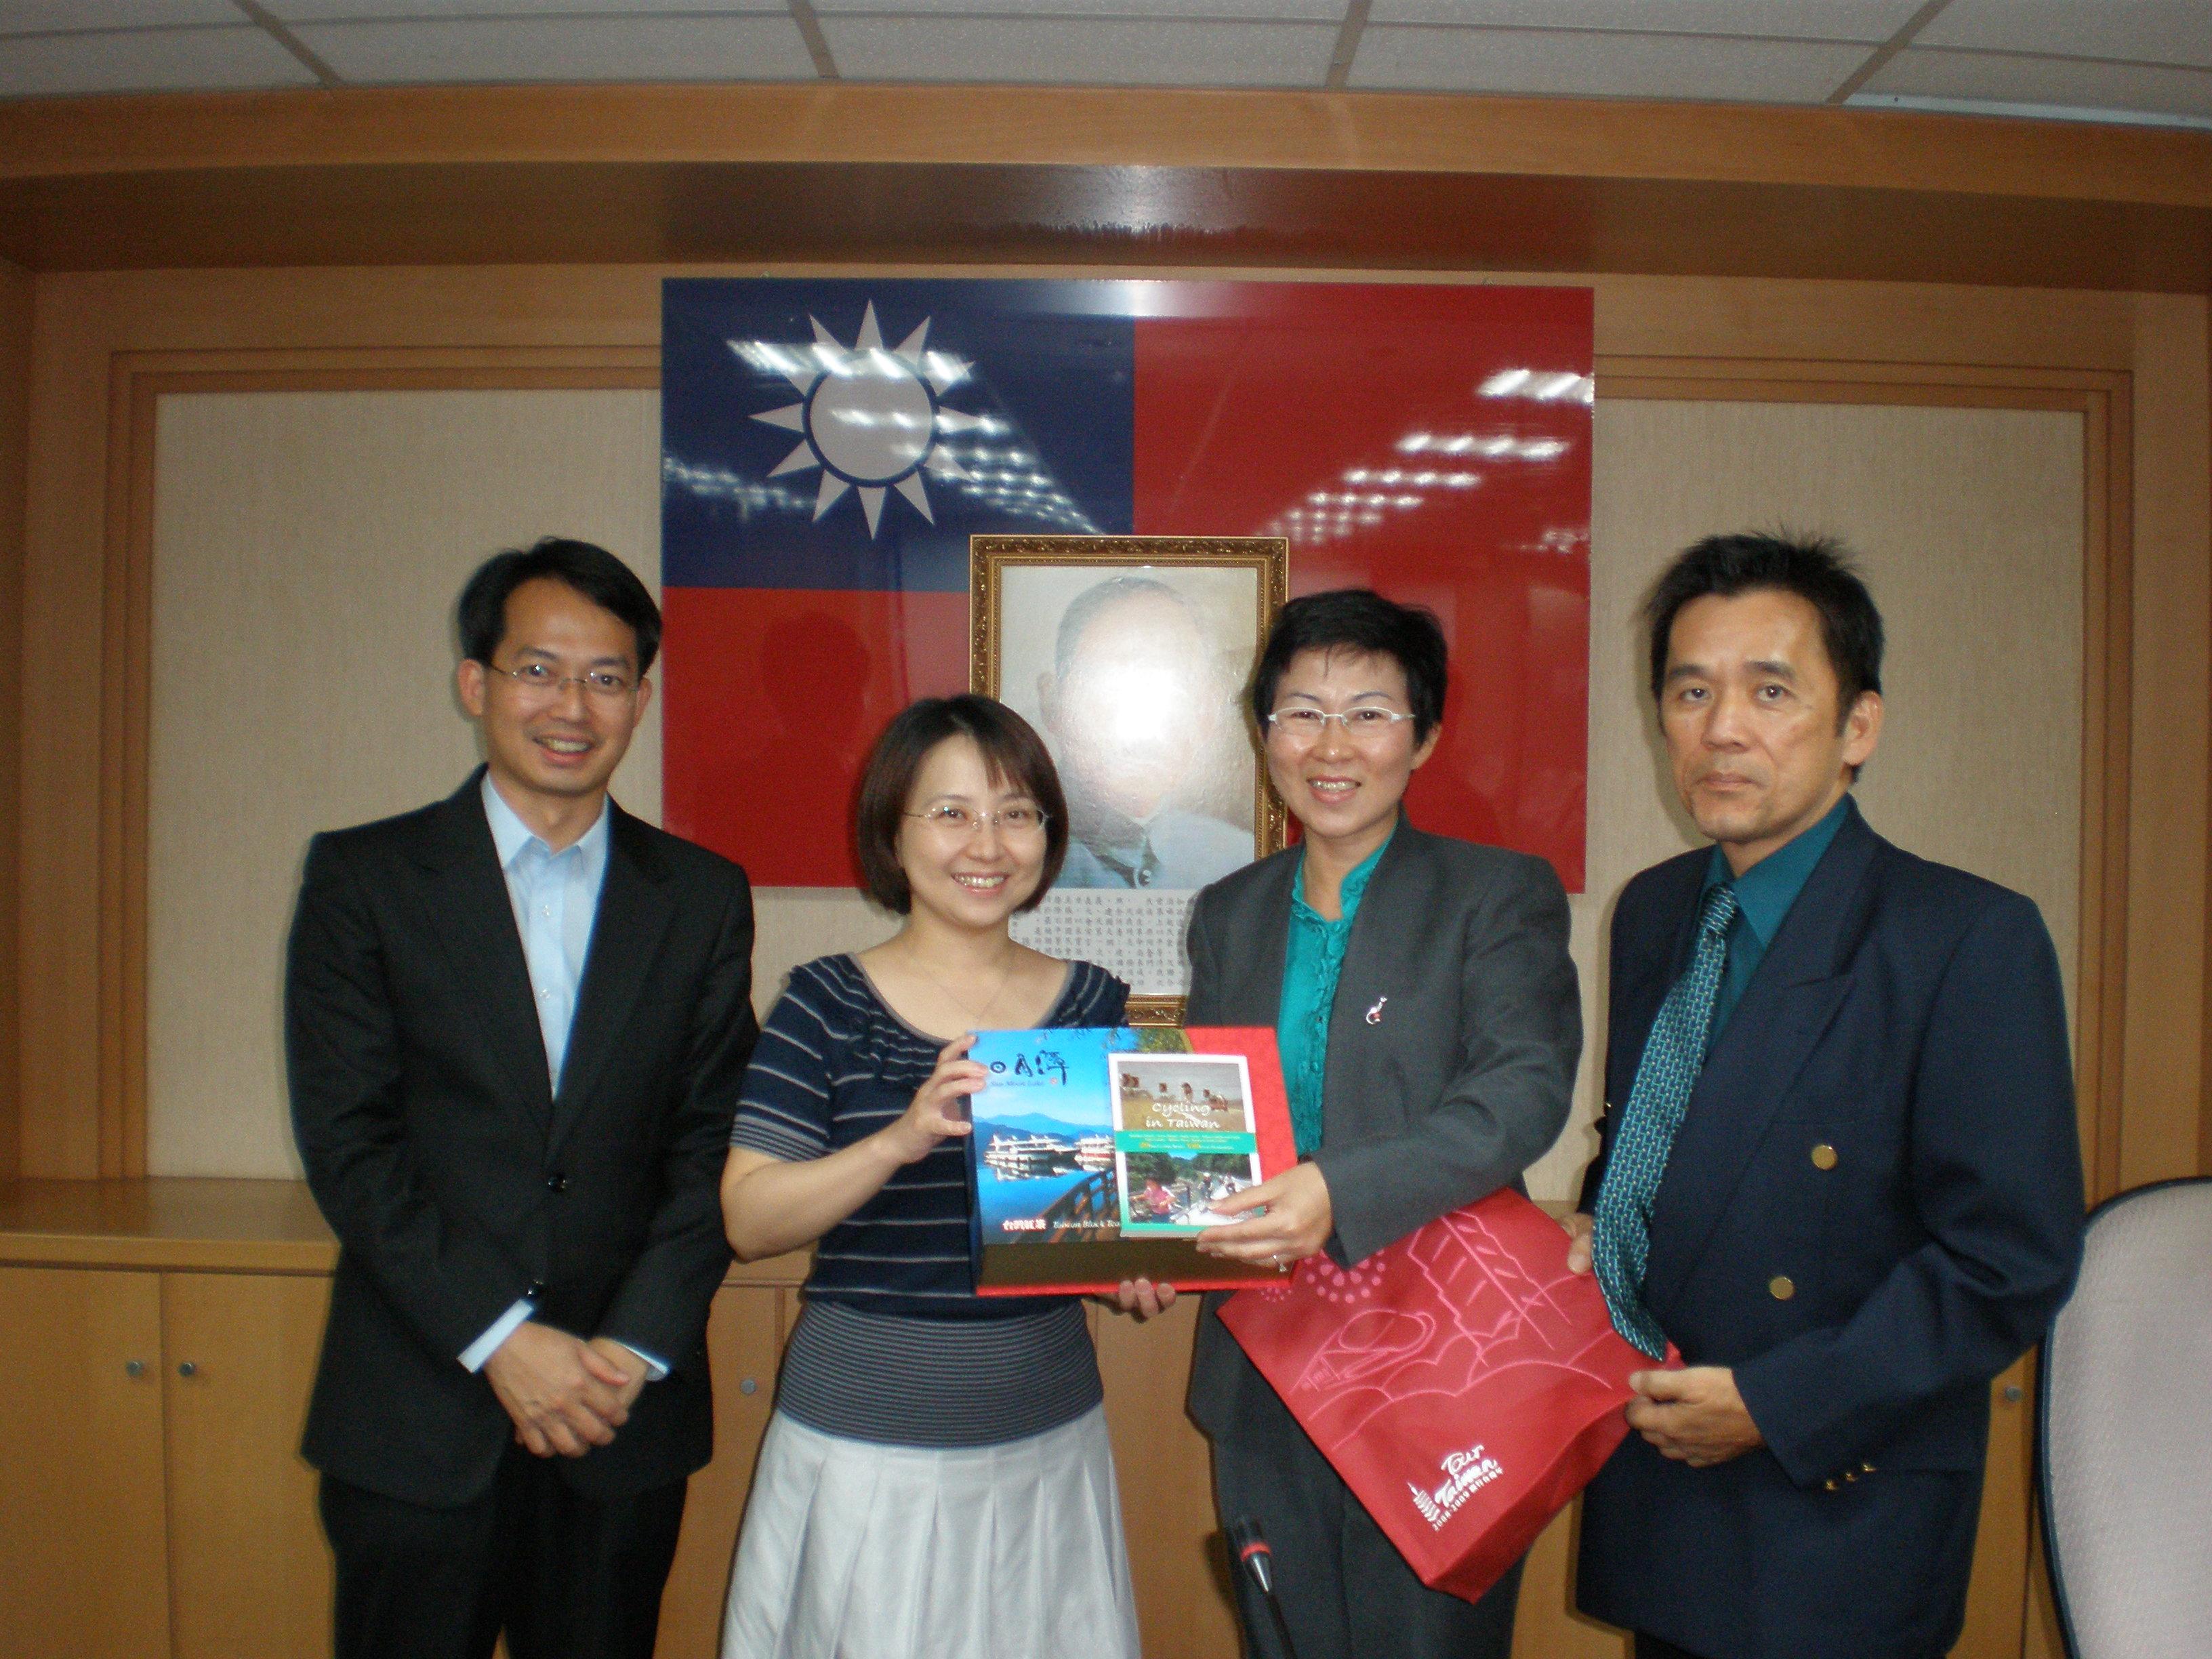 台湾交通部观光局国际组科长袁恺之(左2)移交台湾旅游观光书籍予远道而来的3名槟城客人,即槟州行政议员王国慧行政议员(右2),刘子健行政议员(左1)及郑雨周州议员。